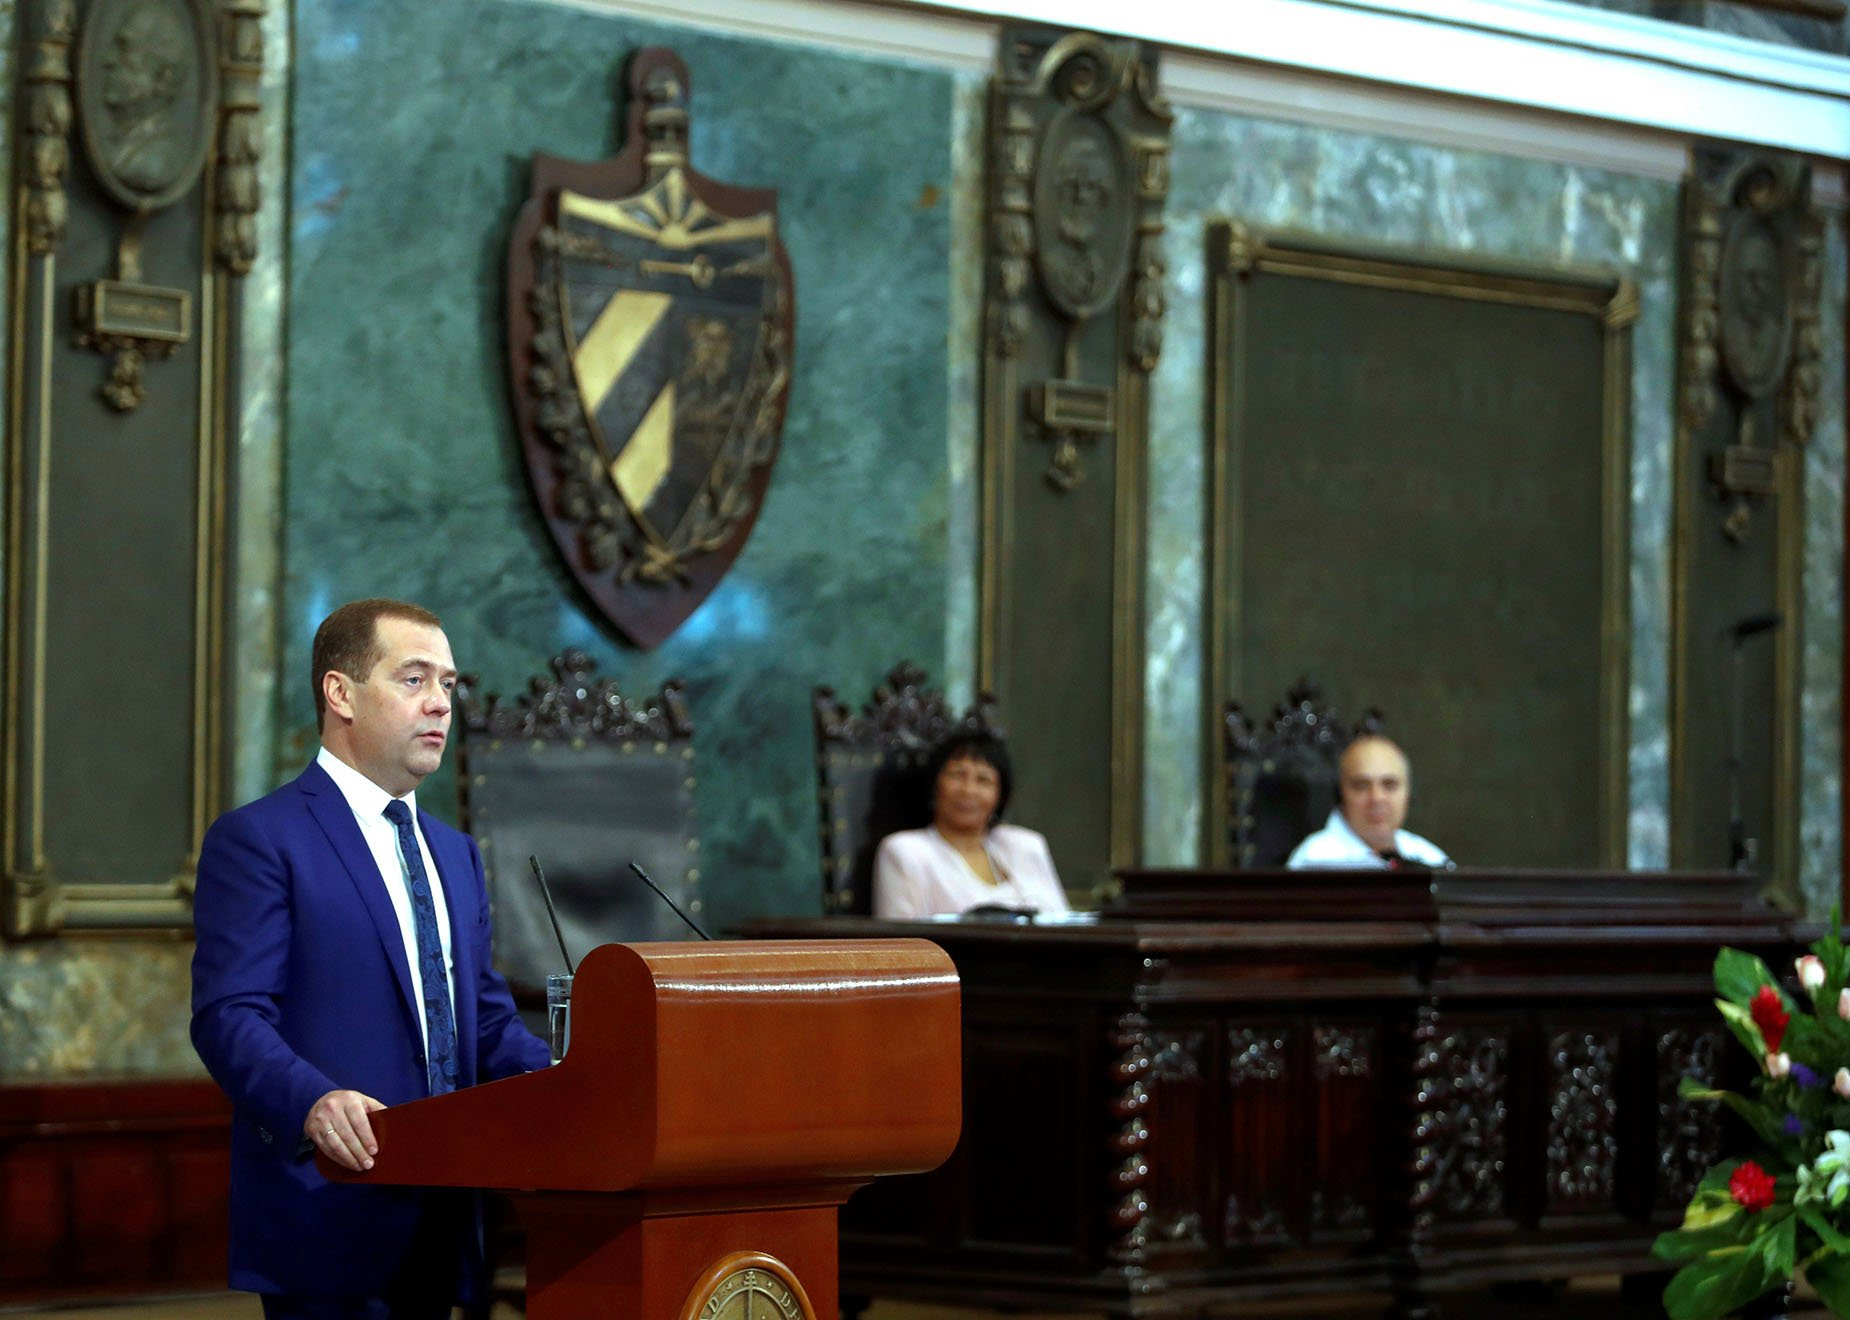 El primer ministro de Rusia, Dmitri Medvédev, pronuncia un discurso durante la ceremonia donde ha fue investido con el título de doctor Honoris Causa en Ciencias Políticas por la Universidad de La Habana, el viernes 4 de octubre de 2019 en La Habana. Foto: Yander Zamora / EFE.